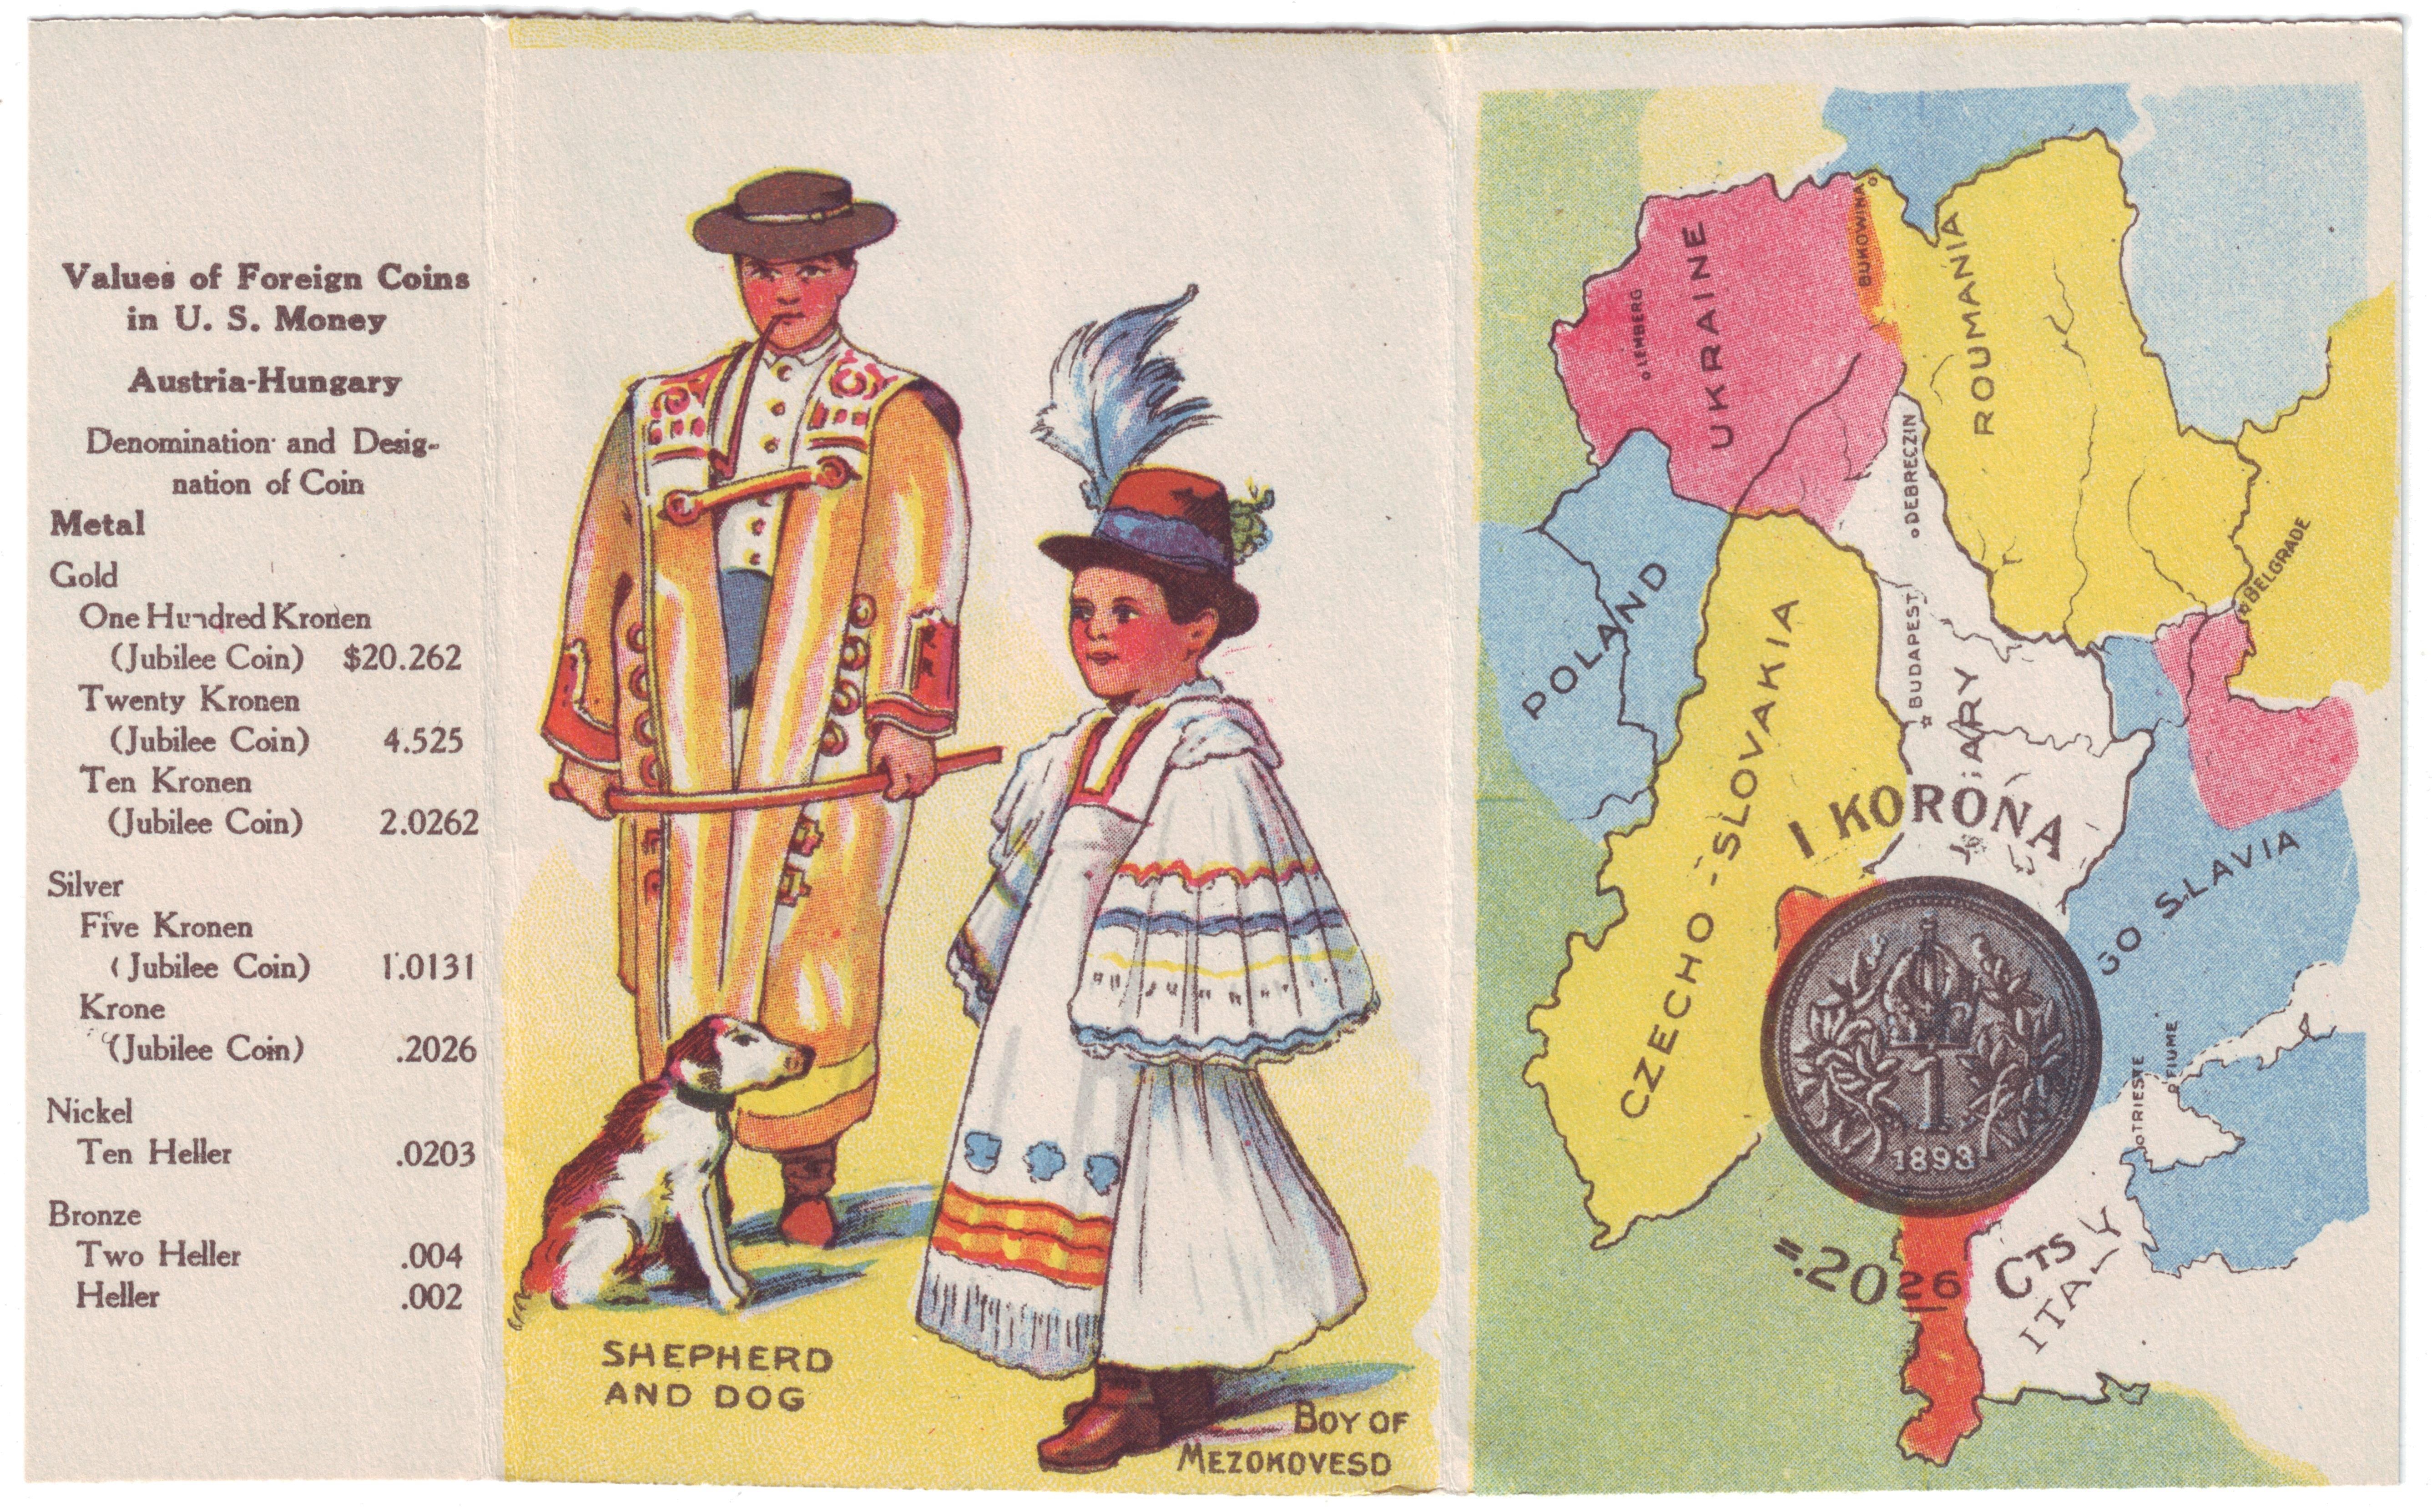 http://www.koronaportal.hu/papirregisegek/www_koronaportal_hu_butter-krust-bread_1korona.jpg